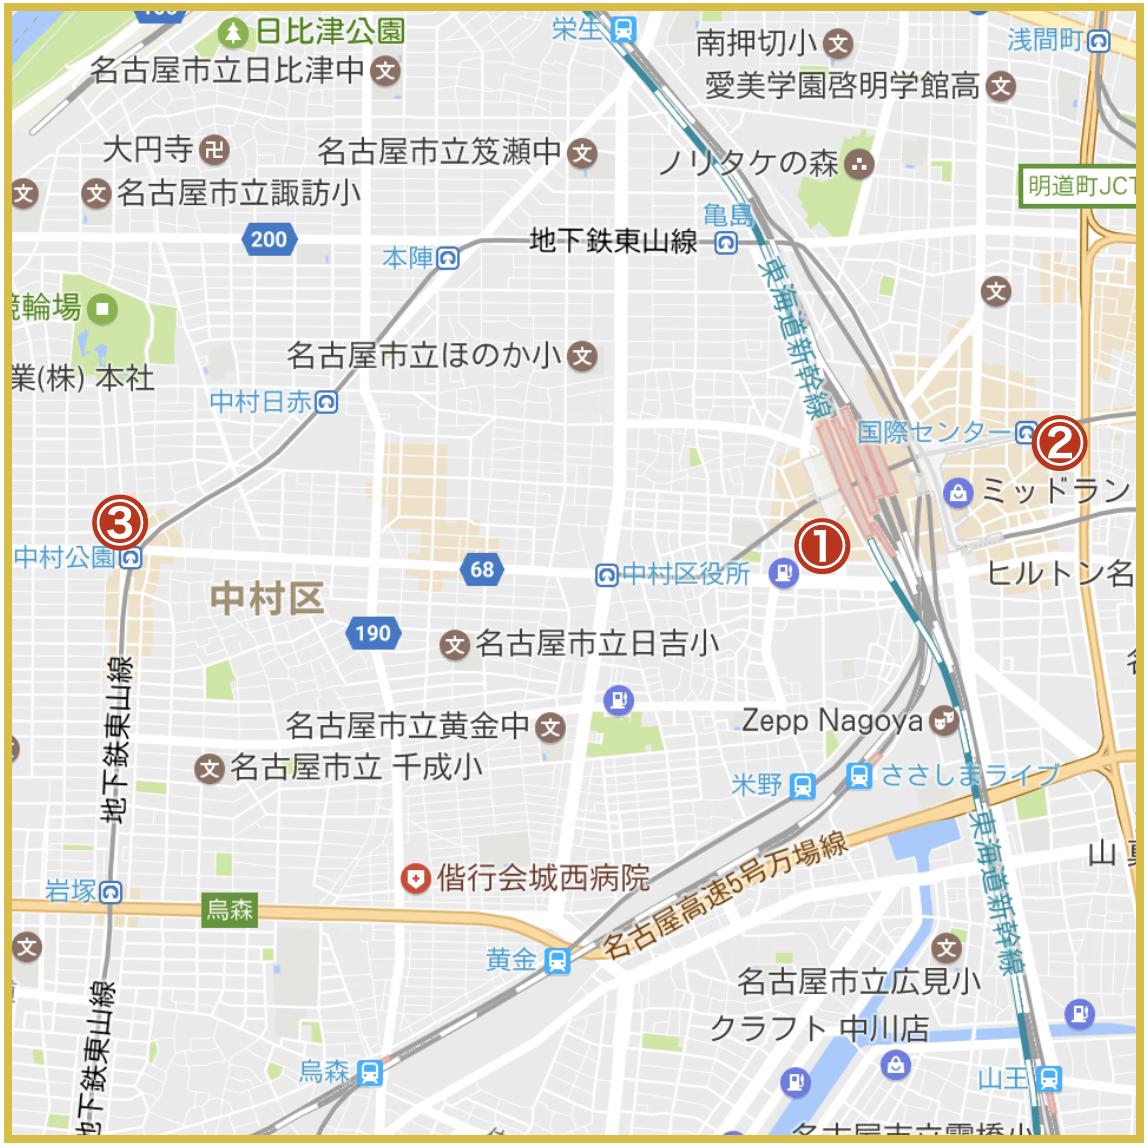 名古屋市中村区にあるプロミス店舗・ATMの位置(2020年版)